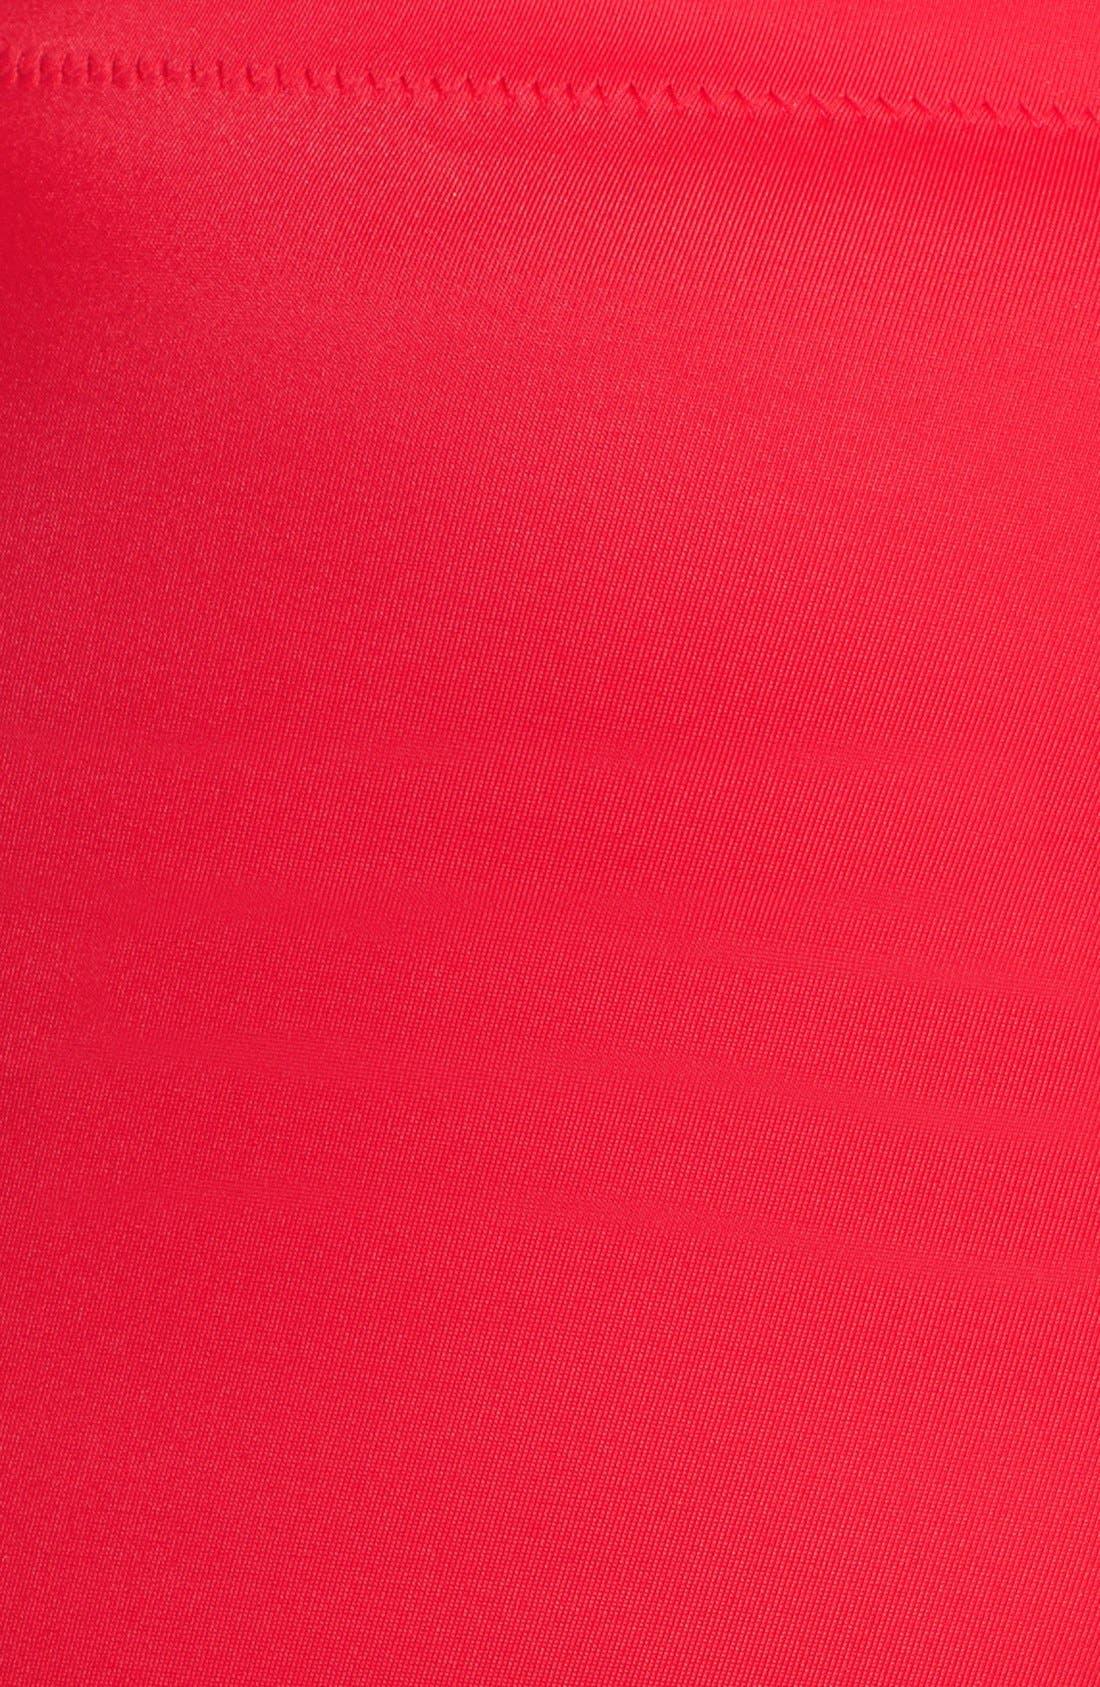 Alternate Image 5  - Elomi 'Elomi Essentials' Classic Swim Briefs (Plus Size)